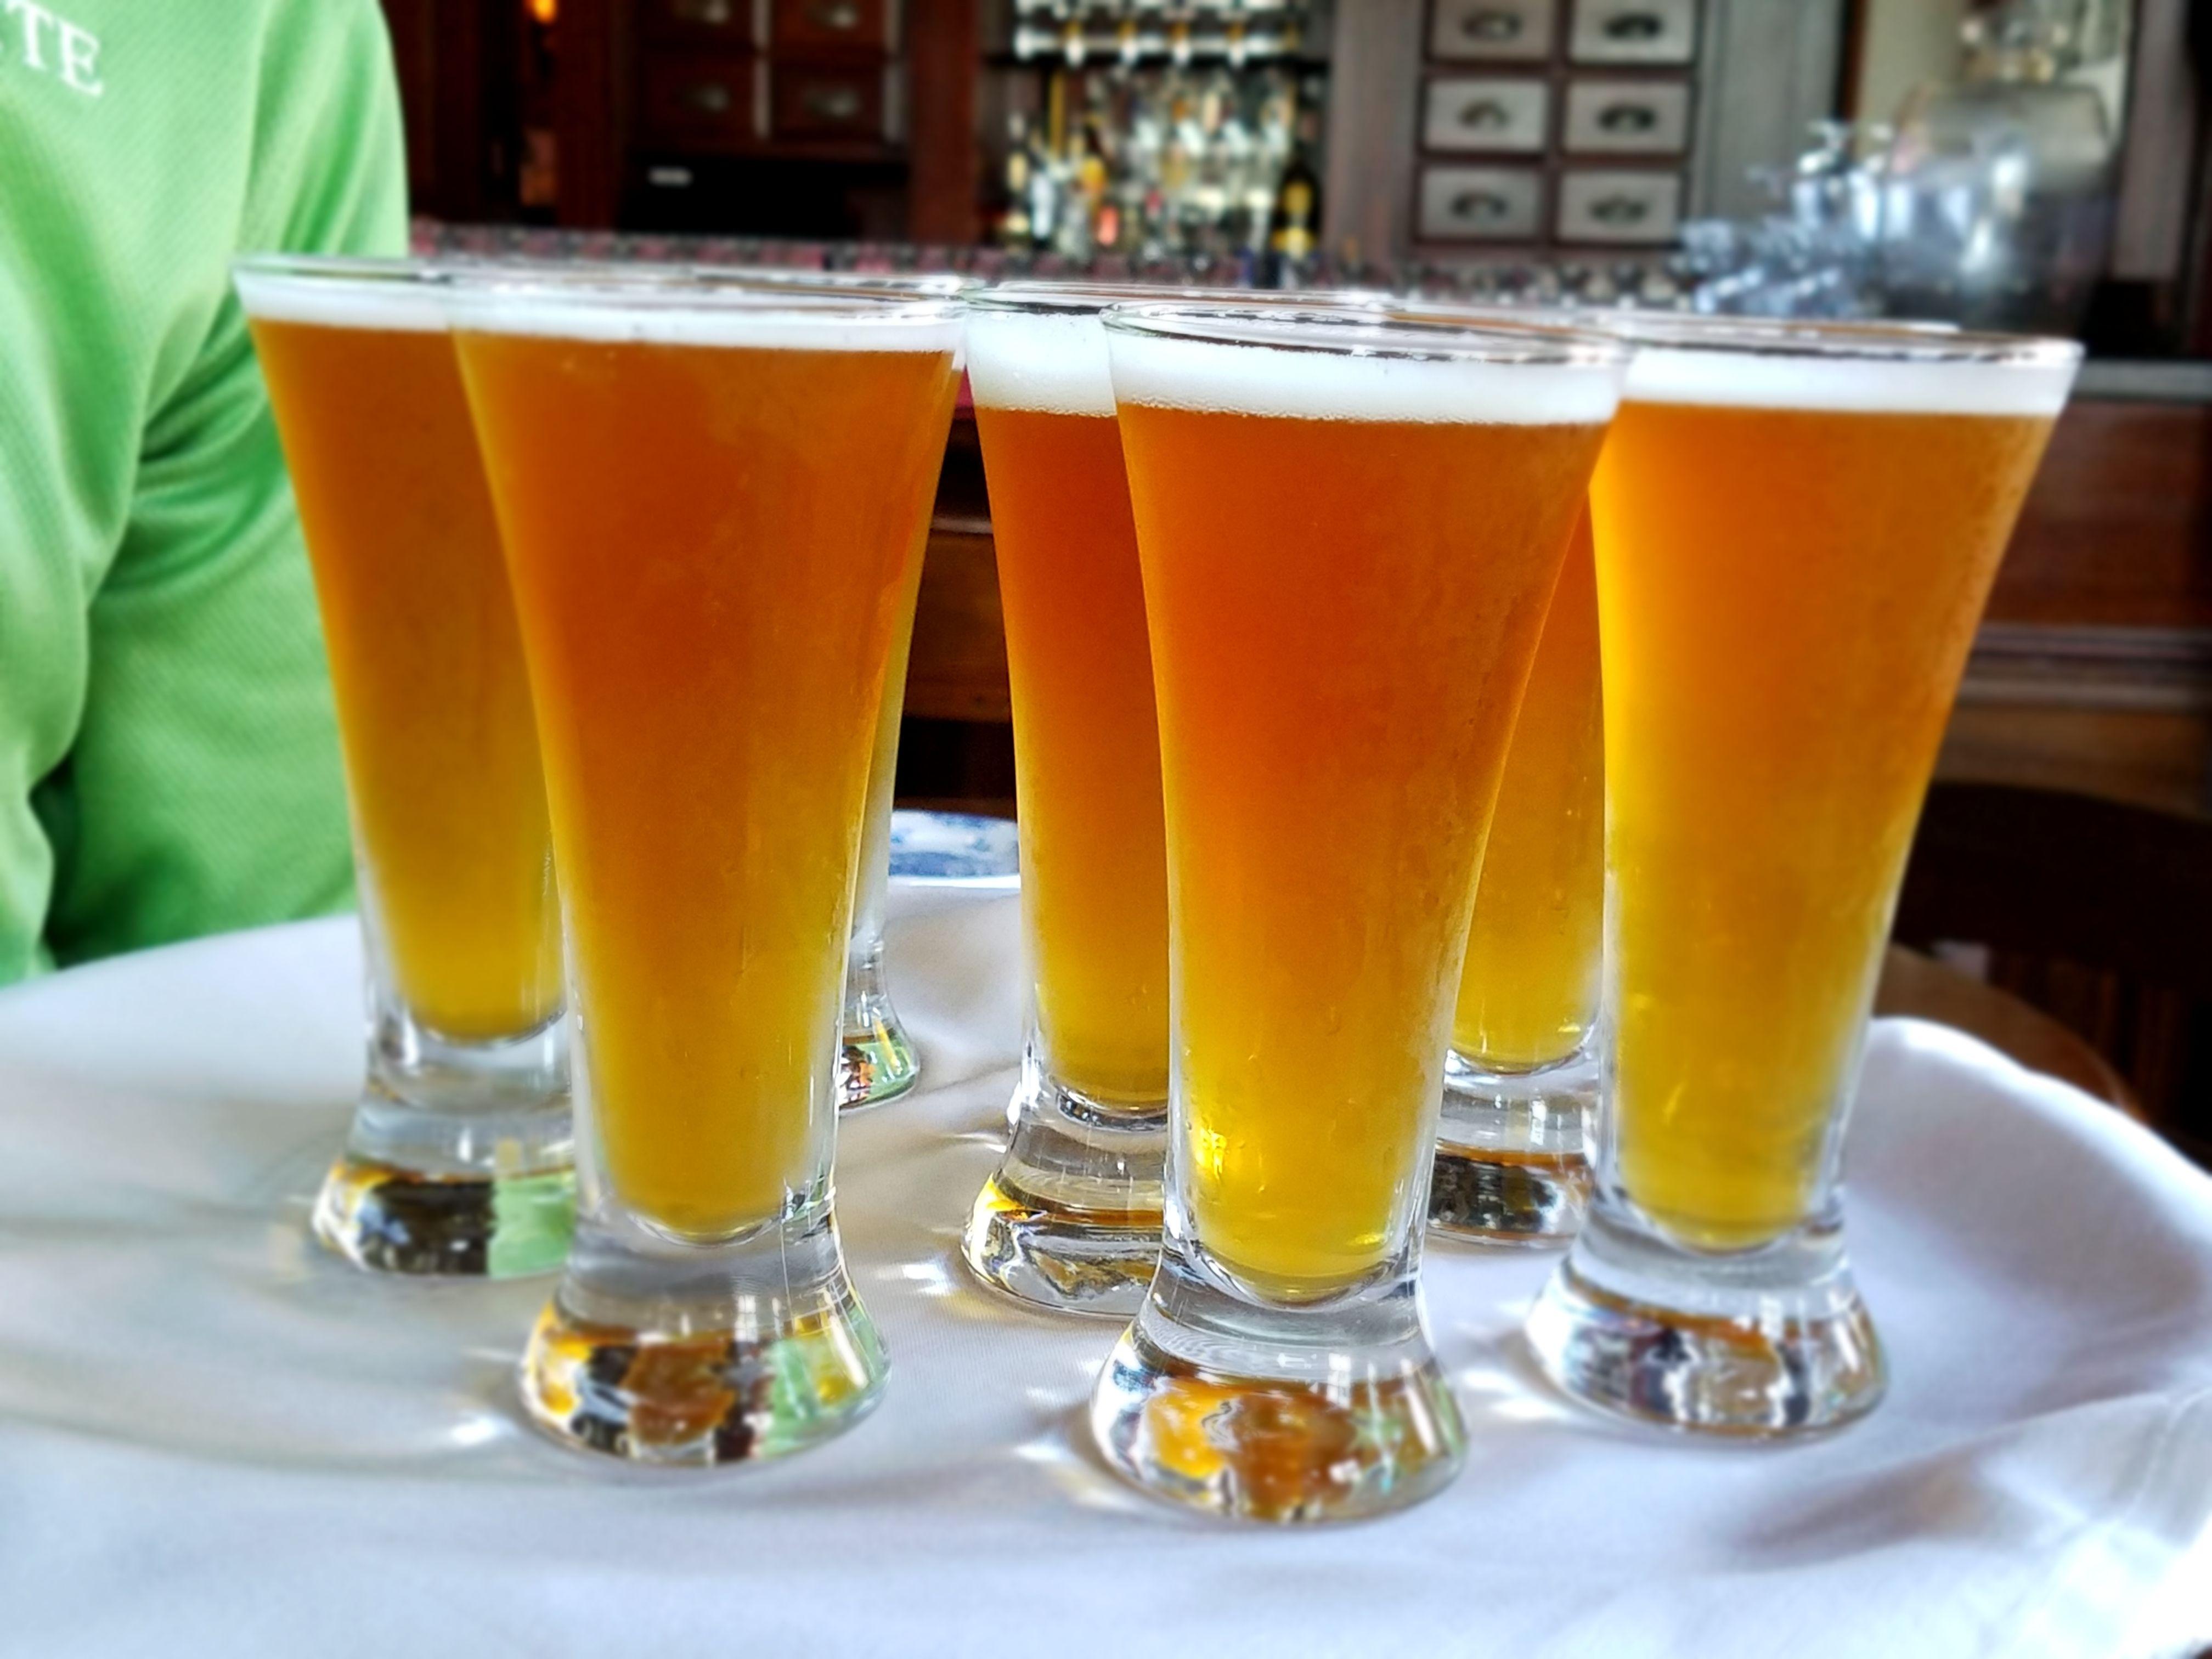 Beers at Raglan Road